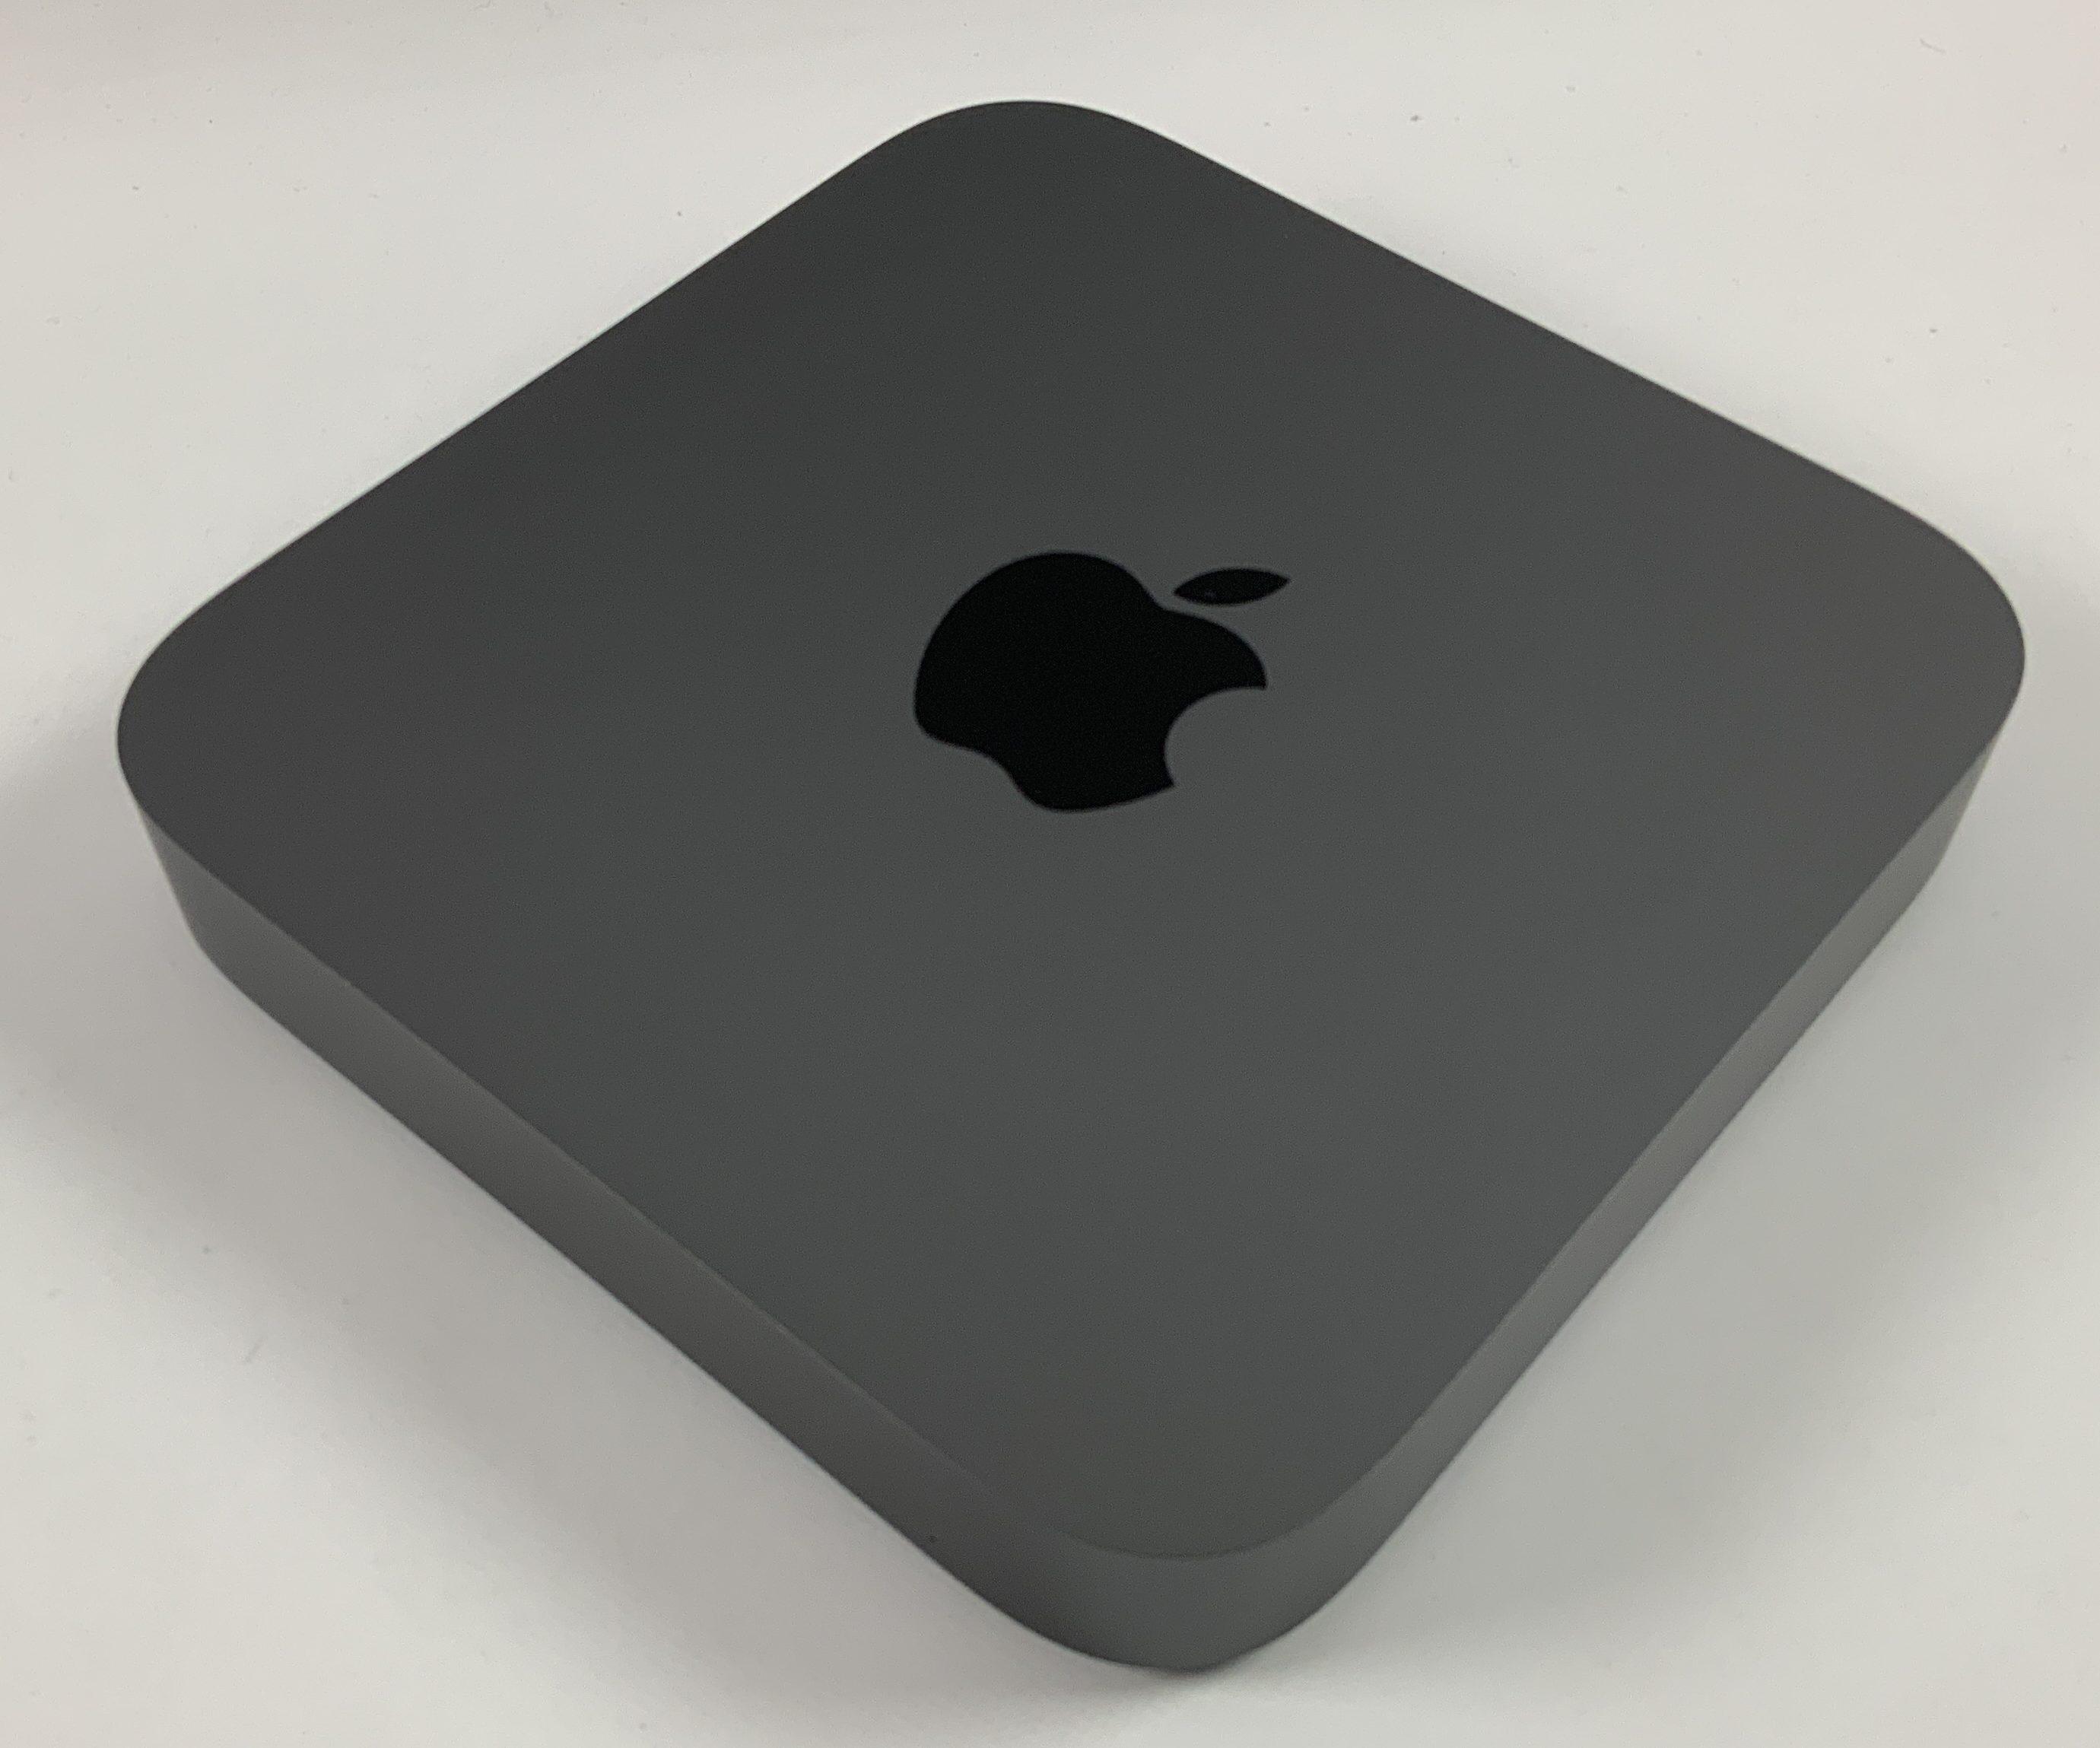 Mac Mini Late 2018 (Intel Quad-Core i3 3.6 GHz 8 GB RAM 256 GB SSD), Intel Quad-Core i3 3.6 GHz, 8 GB RAM, 256 GB SSD, bild 4